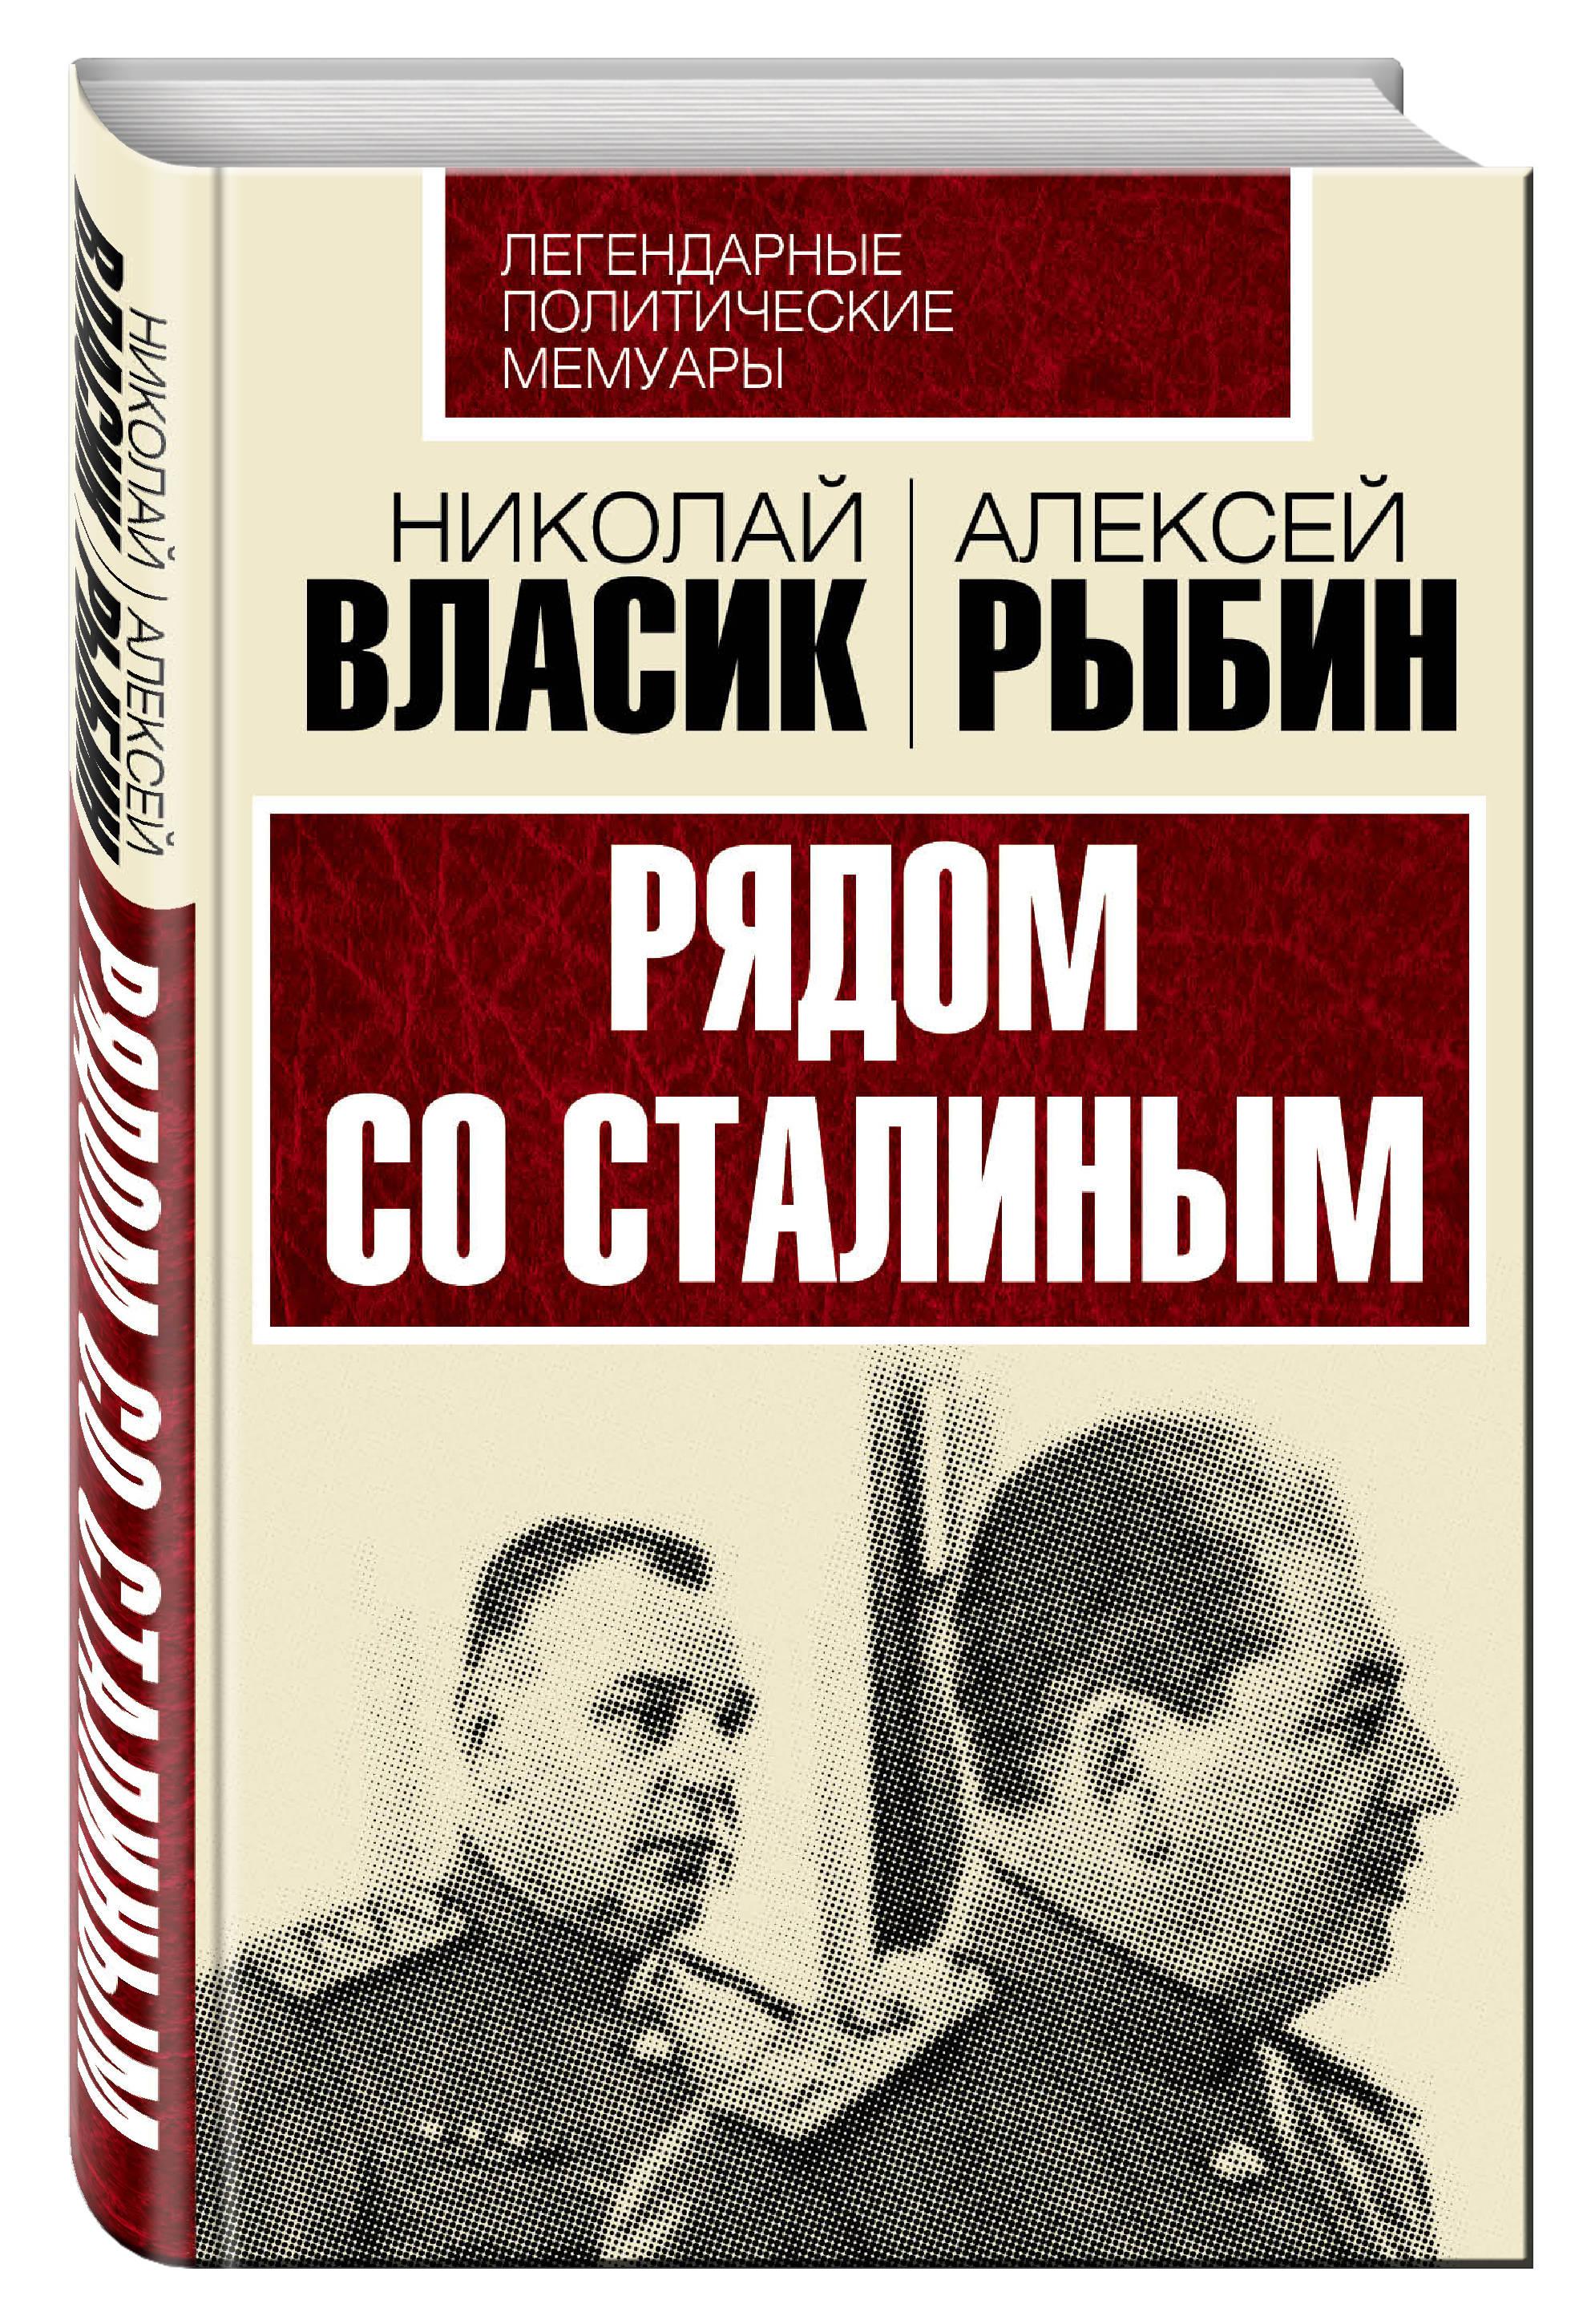 Николай Власик, Алексей Рыбин Рядом со Сталиным власик н рыбин а рядом со сталиным